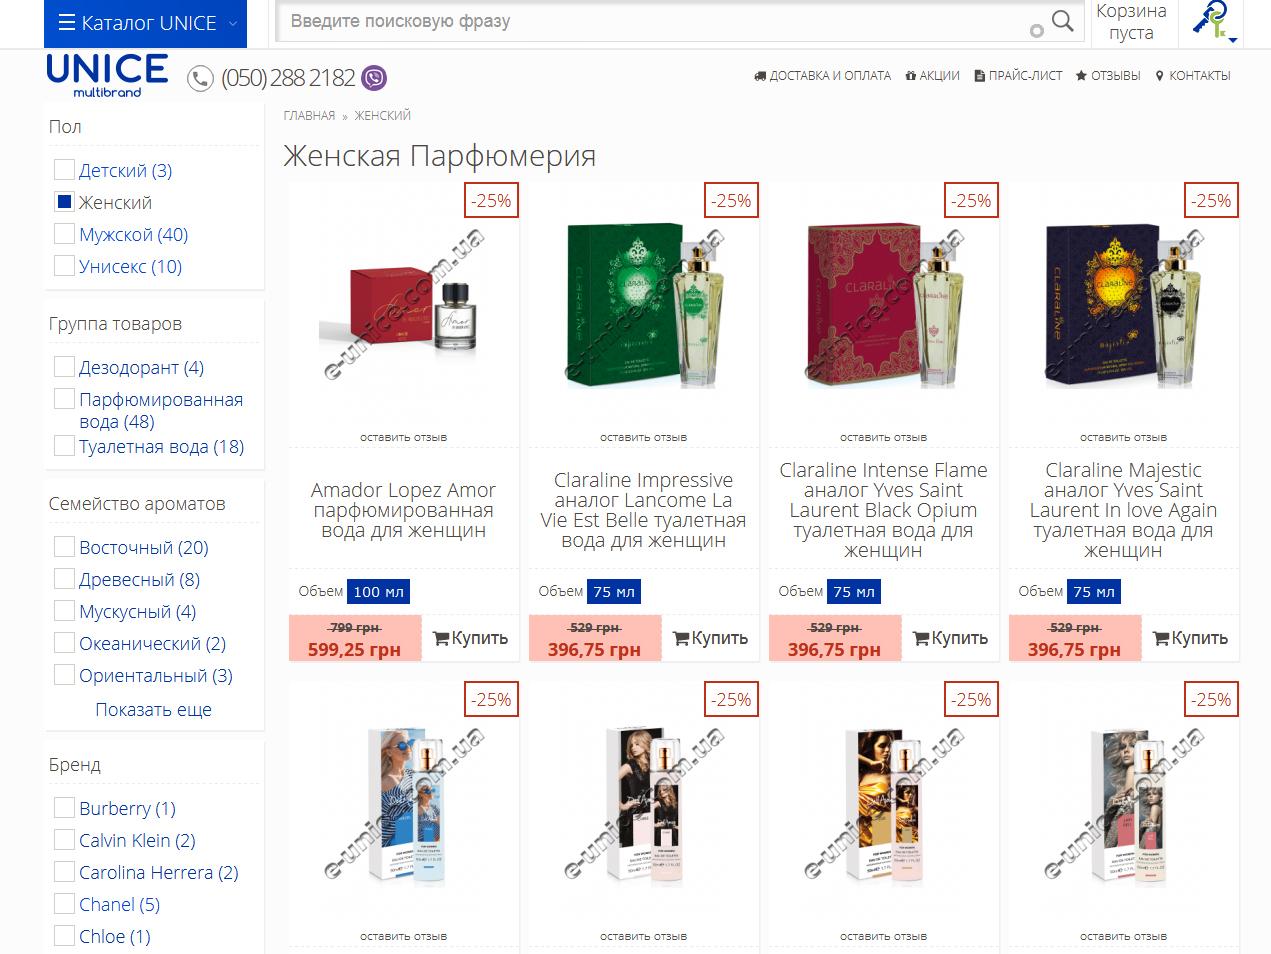 Фильтры товаров в каталоге типового интернет магазина